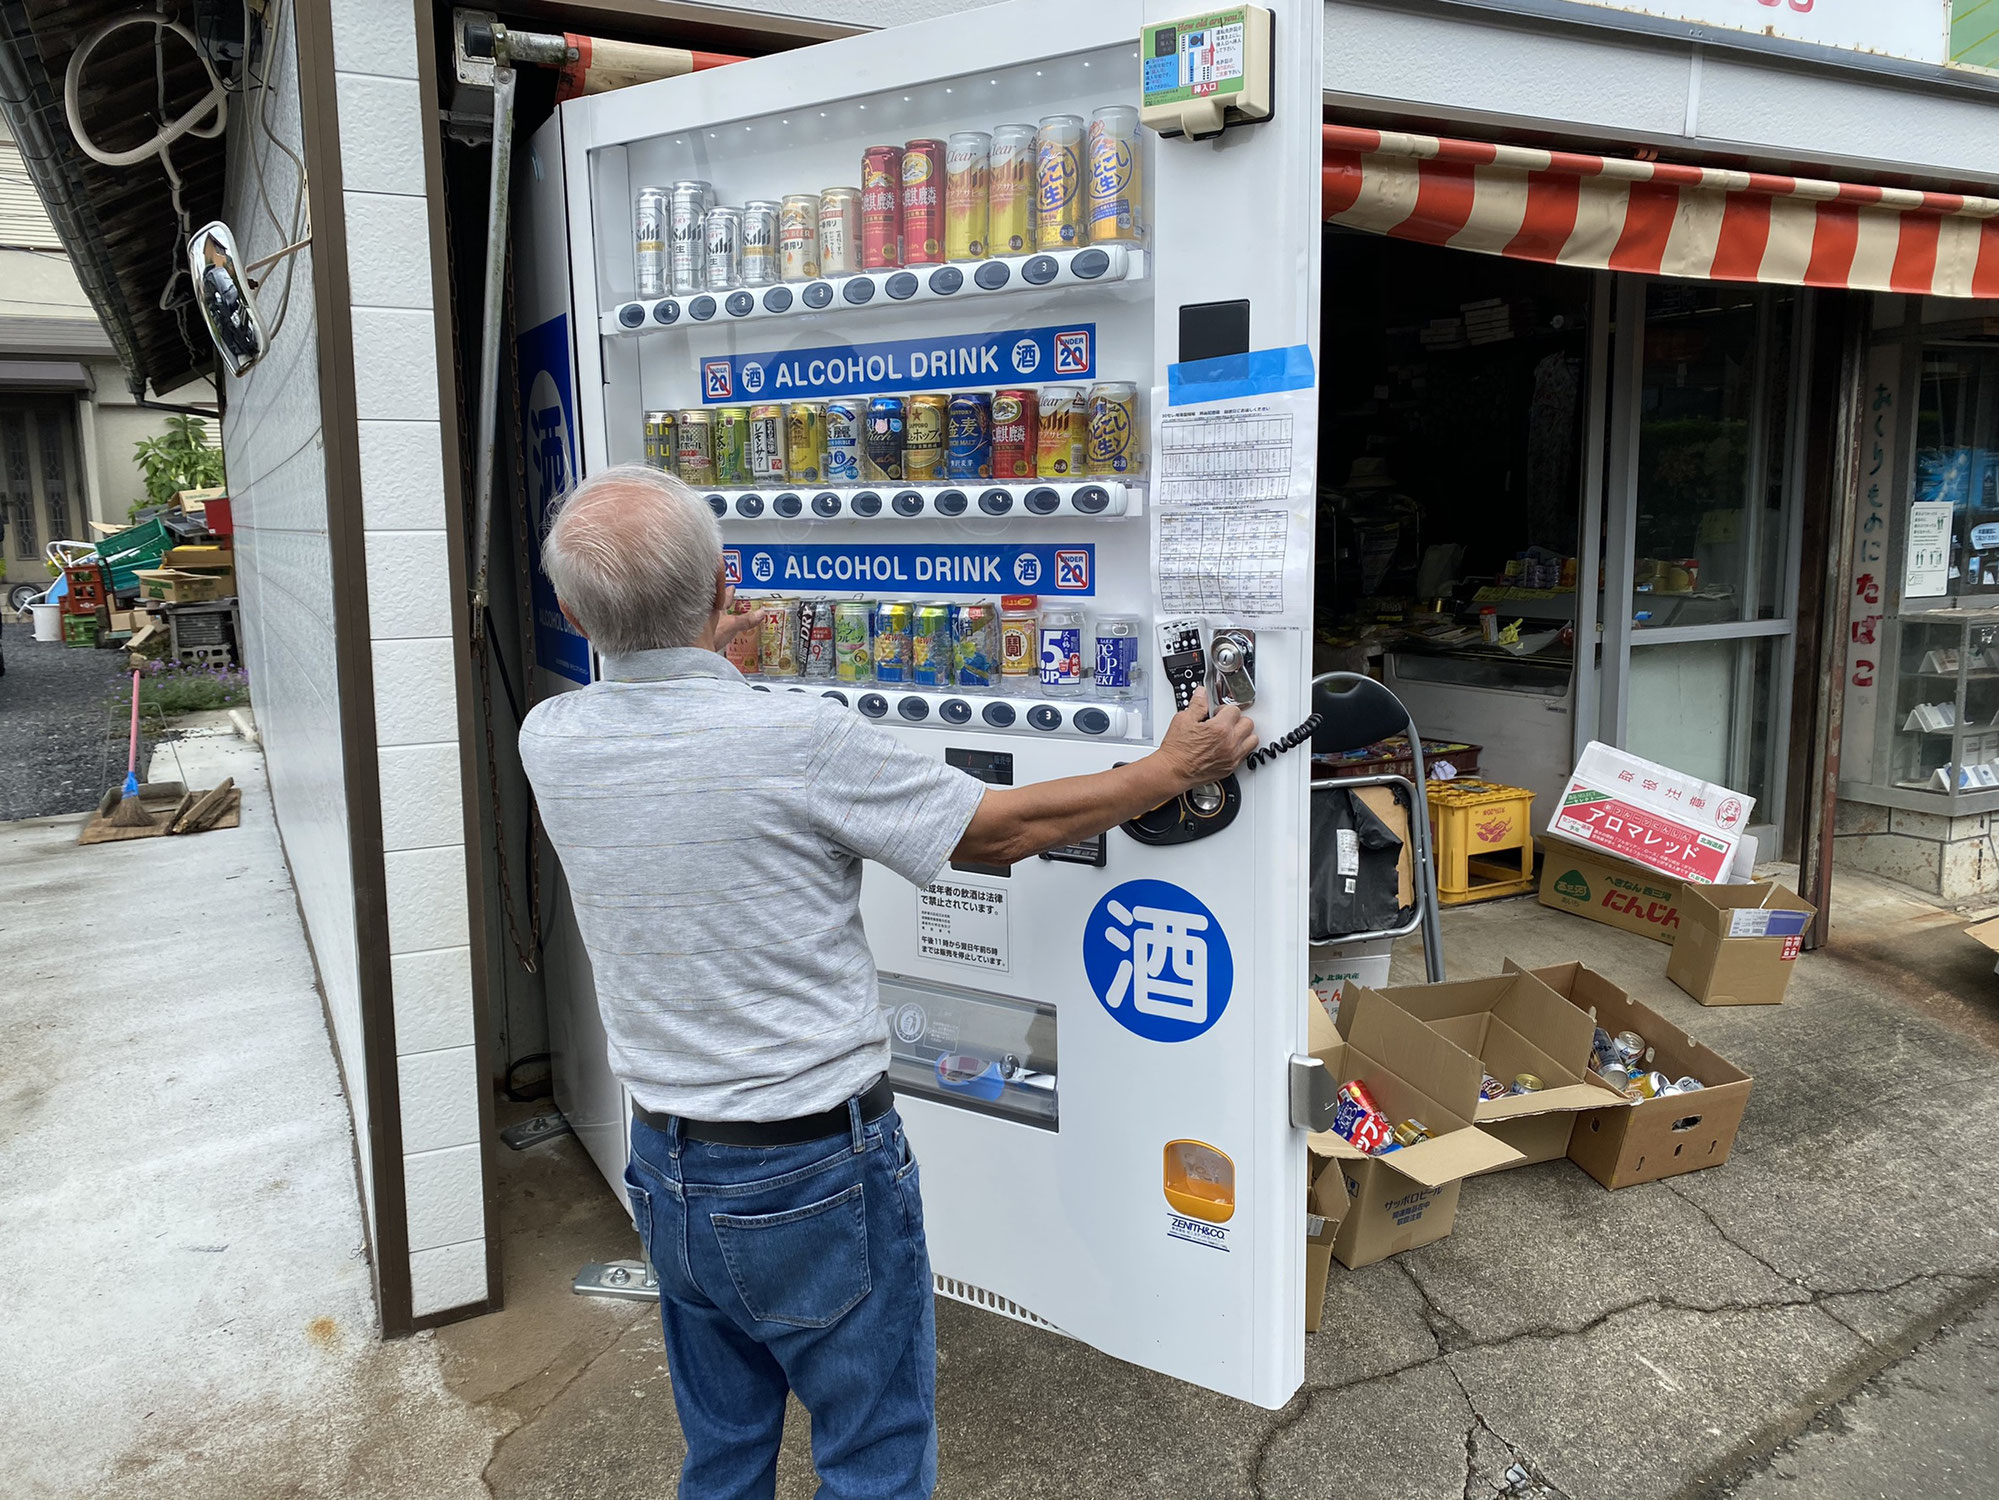 中古 の 酒自販機 購入で騙された被害者